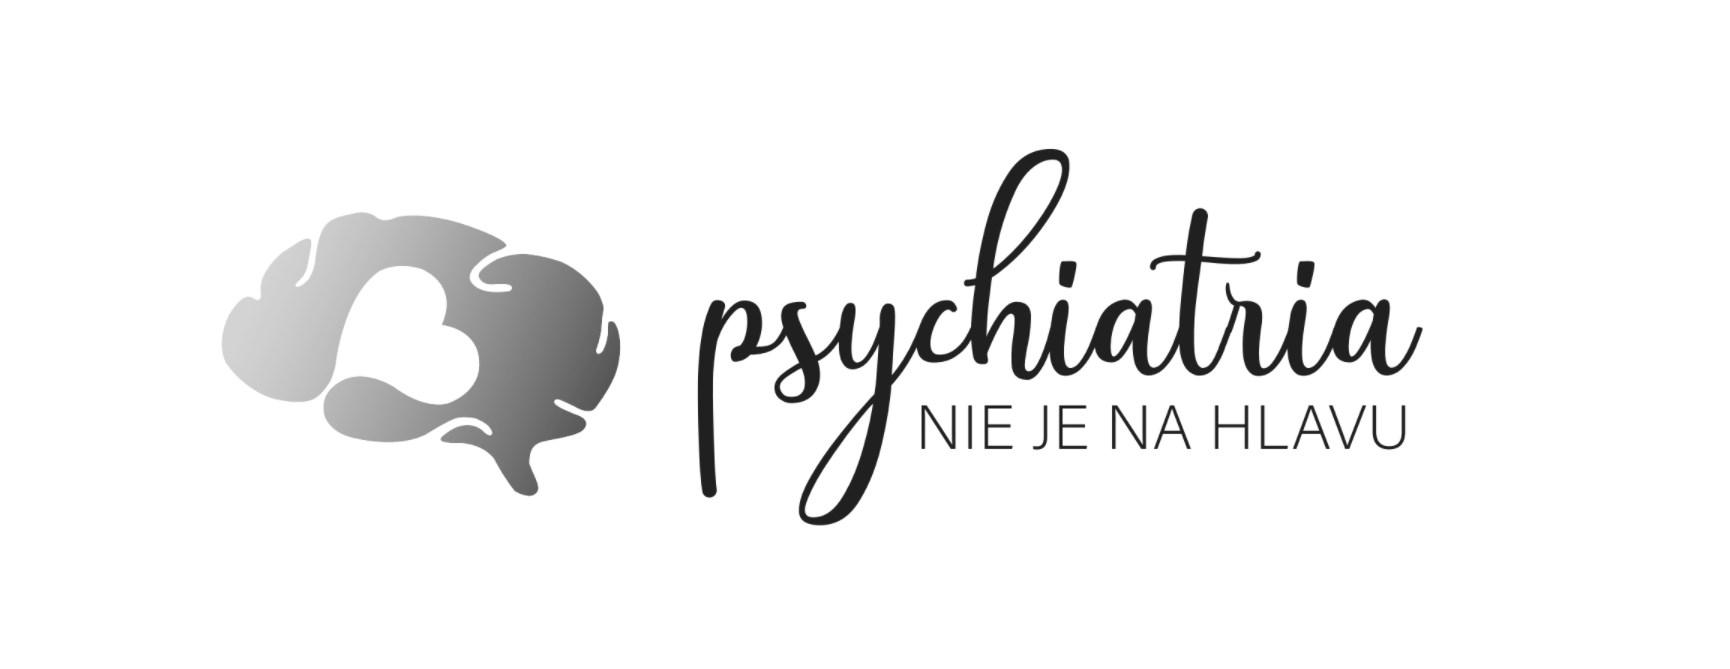 Psychiatria nie je na hlavu - banner